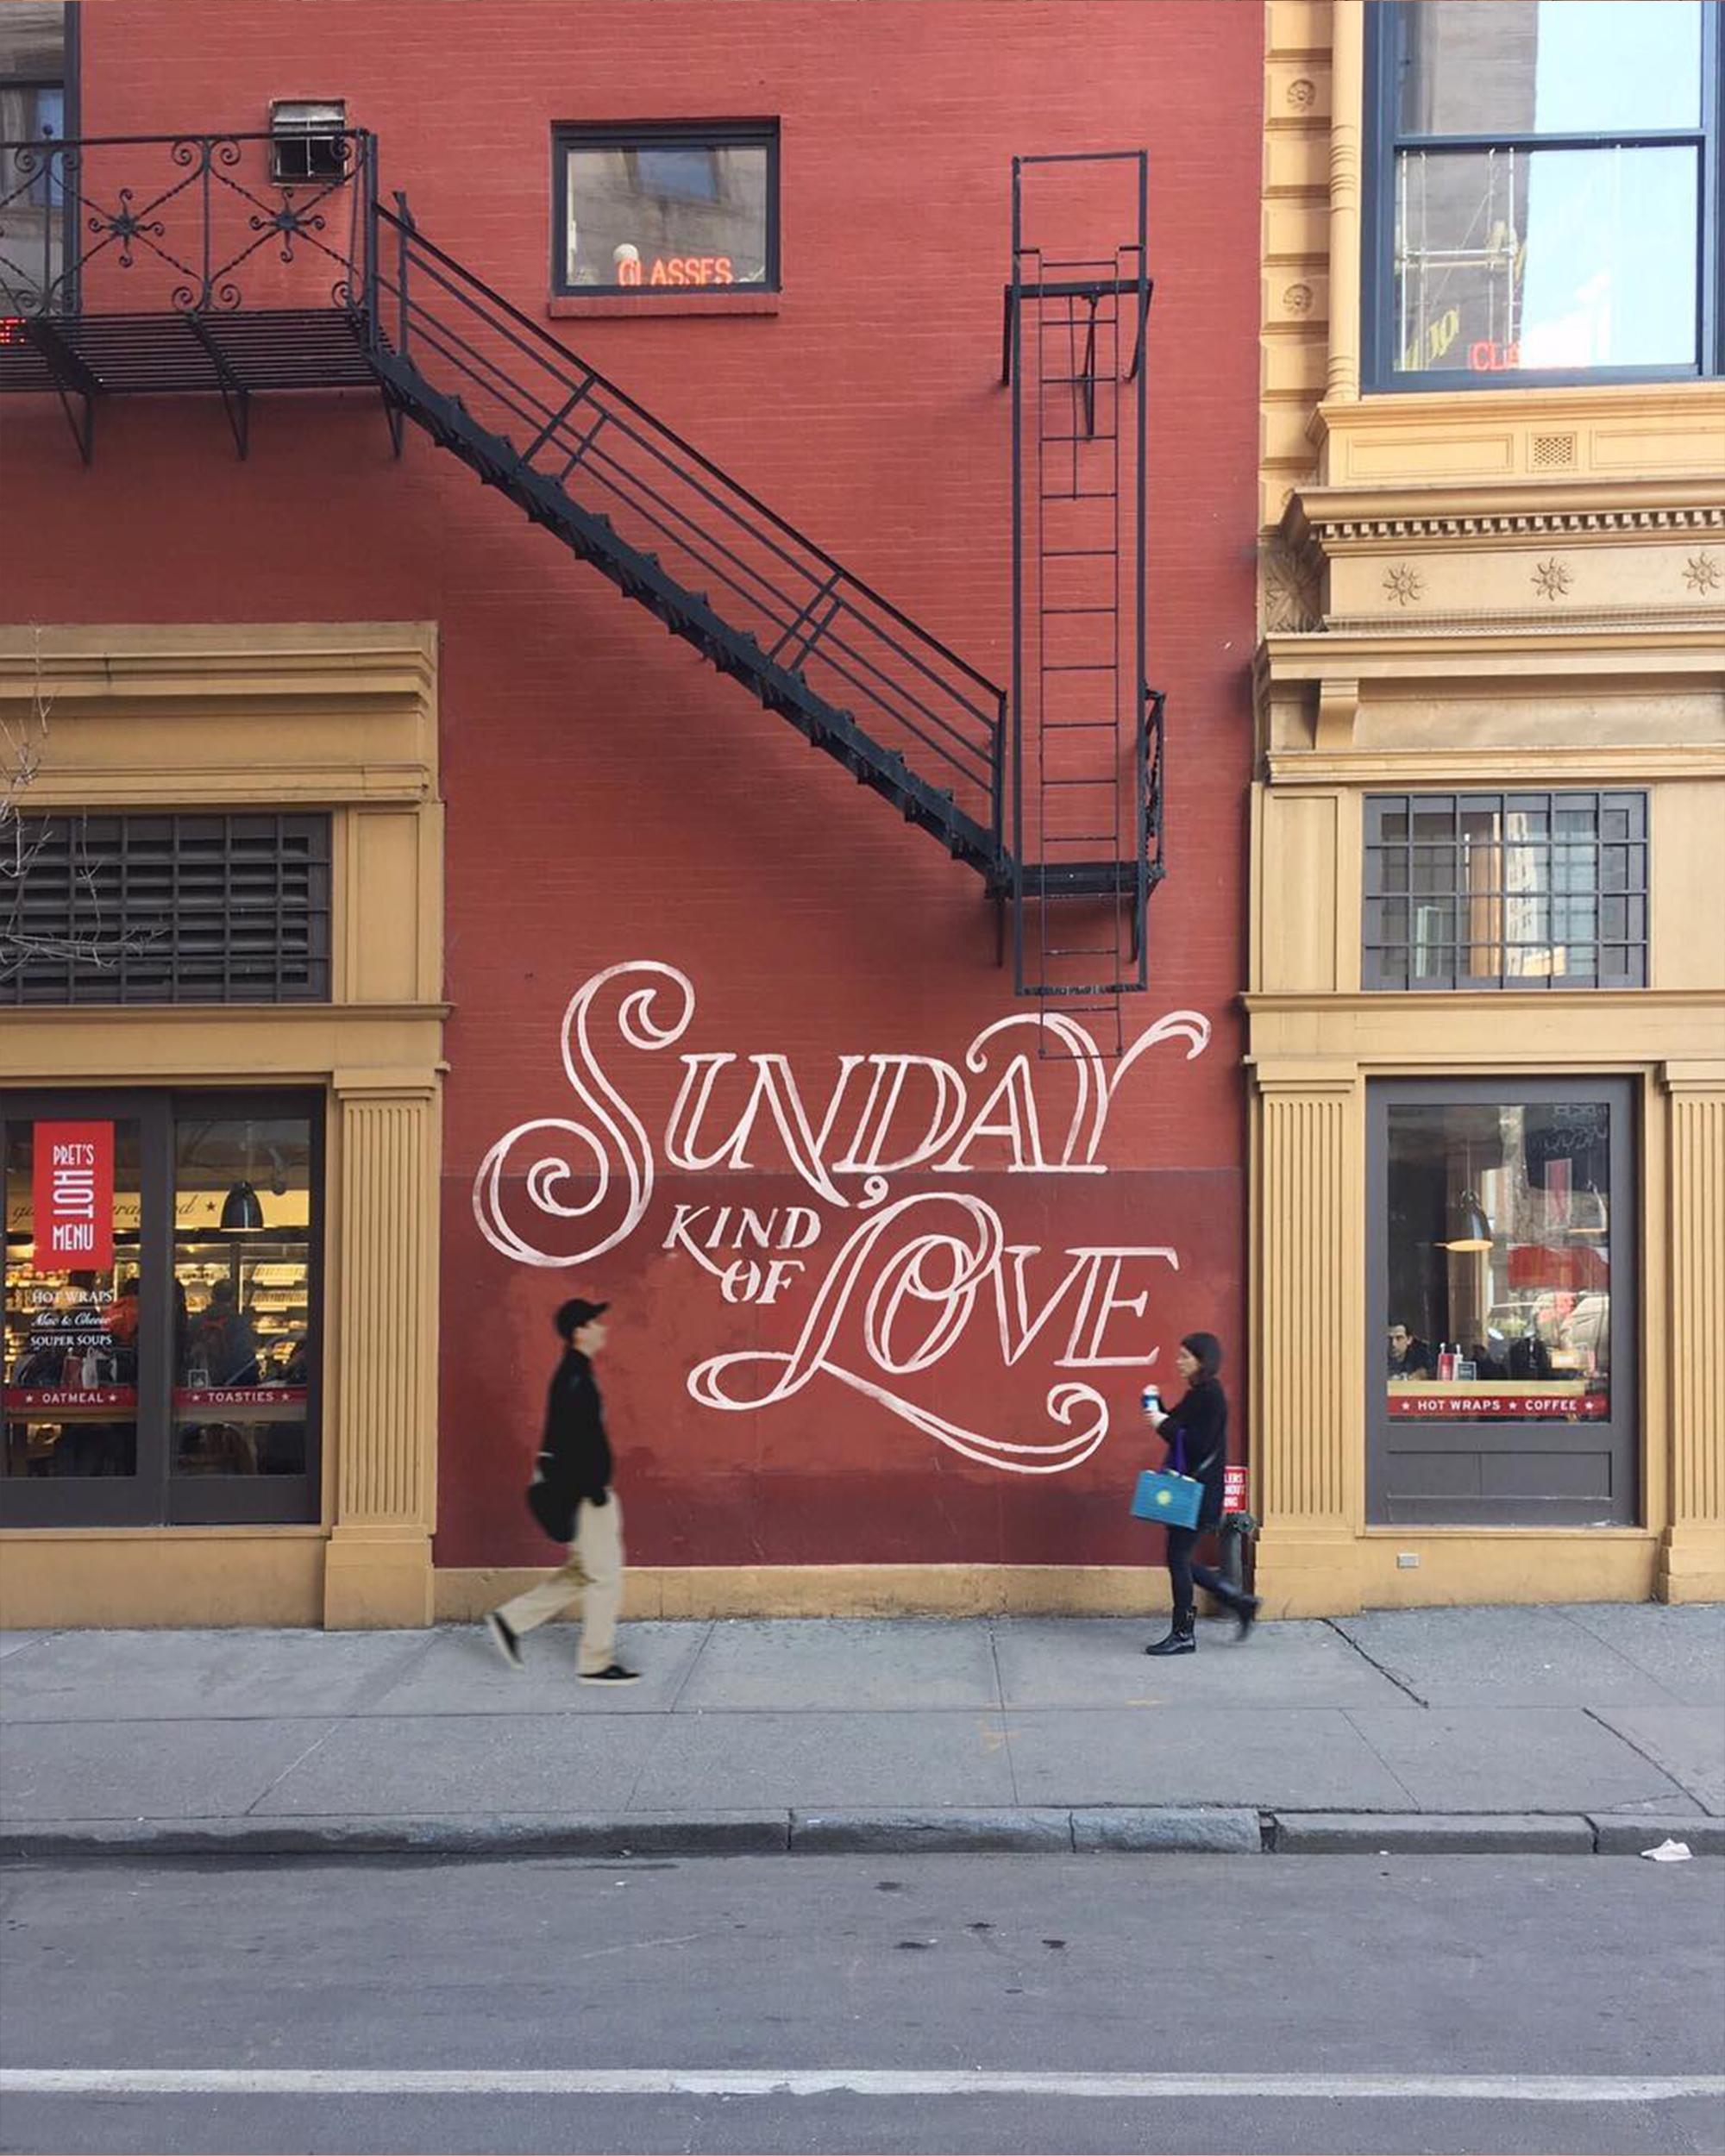 efdot-sundaykindoflove-mural-2000x2500.jpg